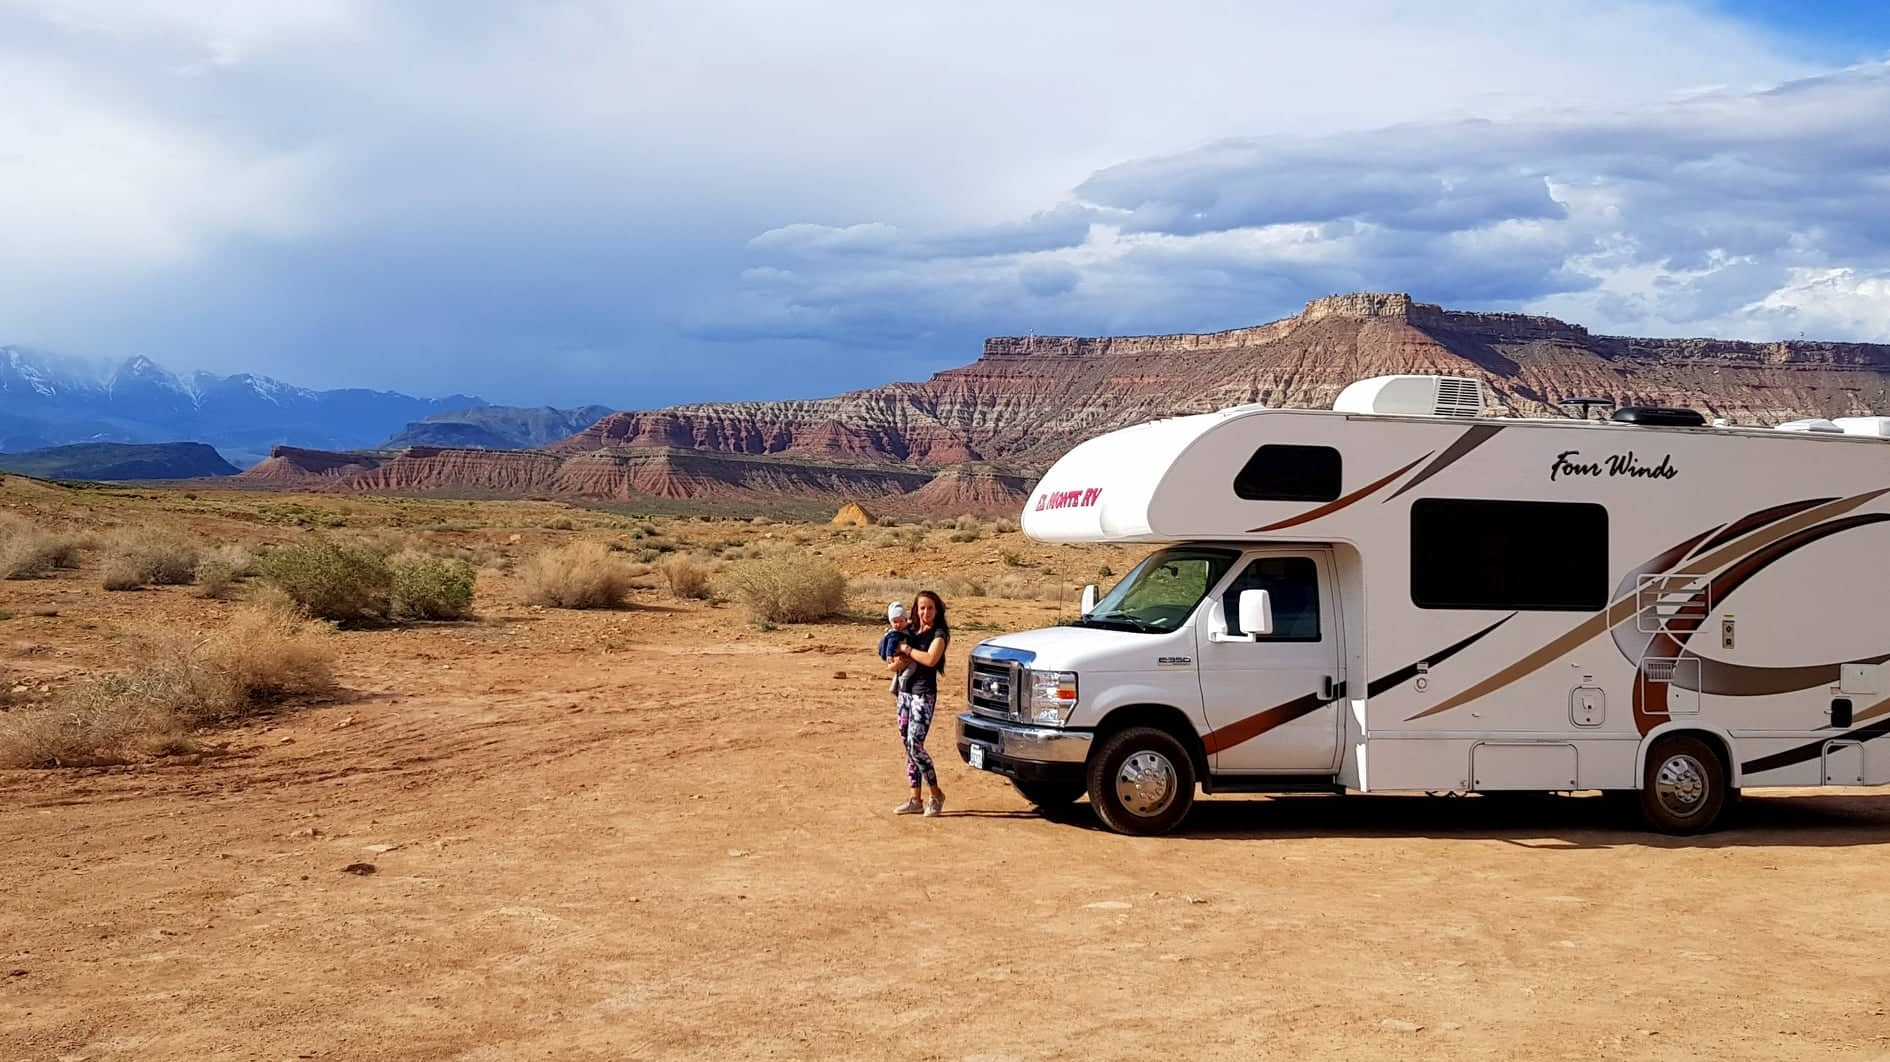 Mikor máskor tölt el egymással ennyi minőségi időt egy család, mint utazás közben?